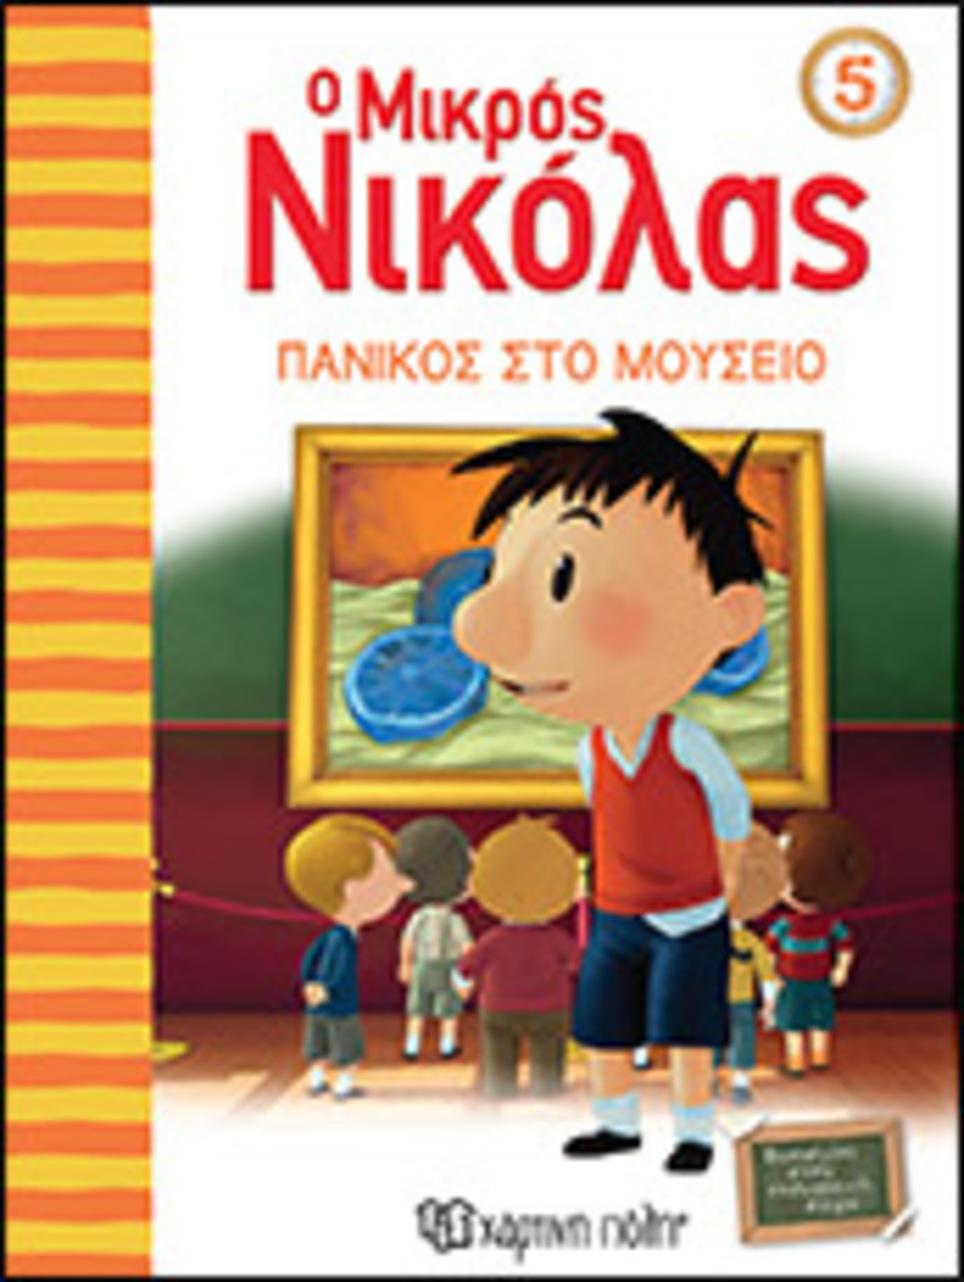 Ο ΜΙΚΡΟΣ ΝΙΚ 5-ΠΑΝΙΚΟΣ ΣΤΟ ΜΟΥΣΕΙΟ